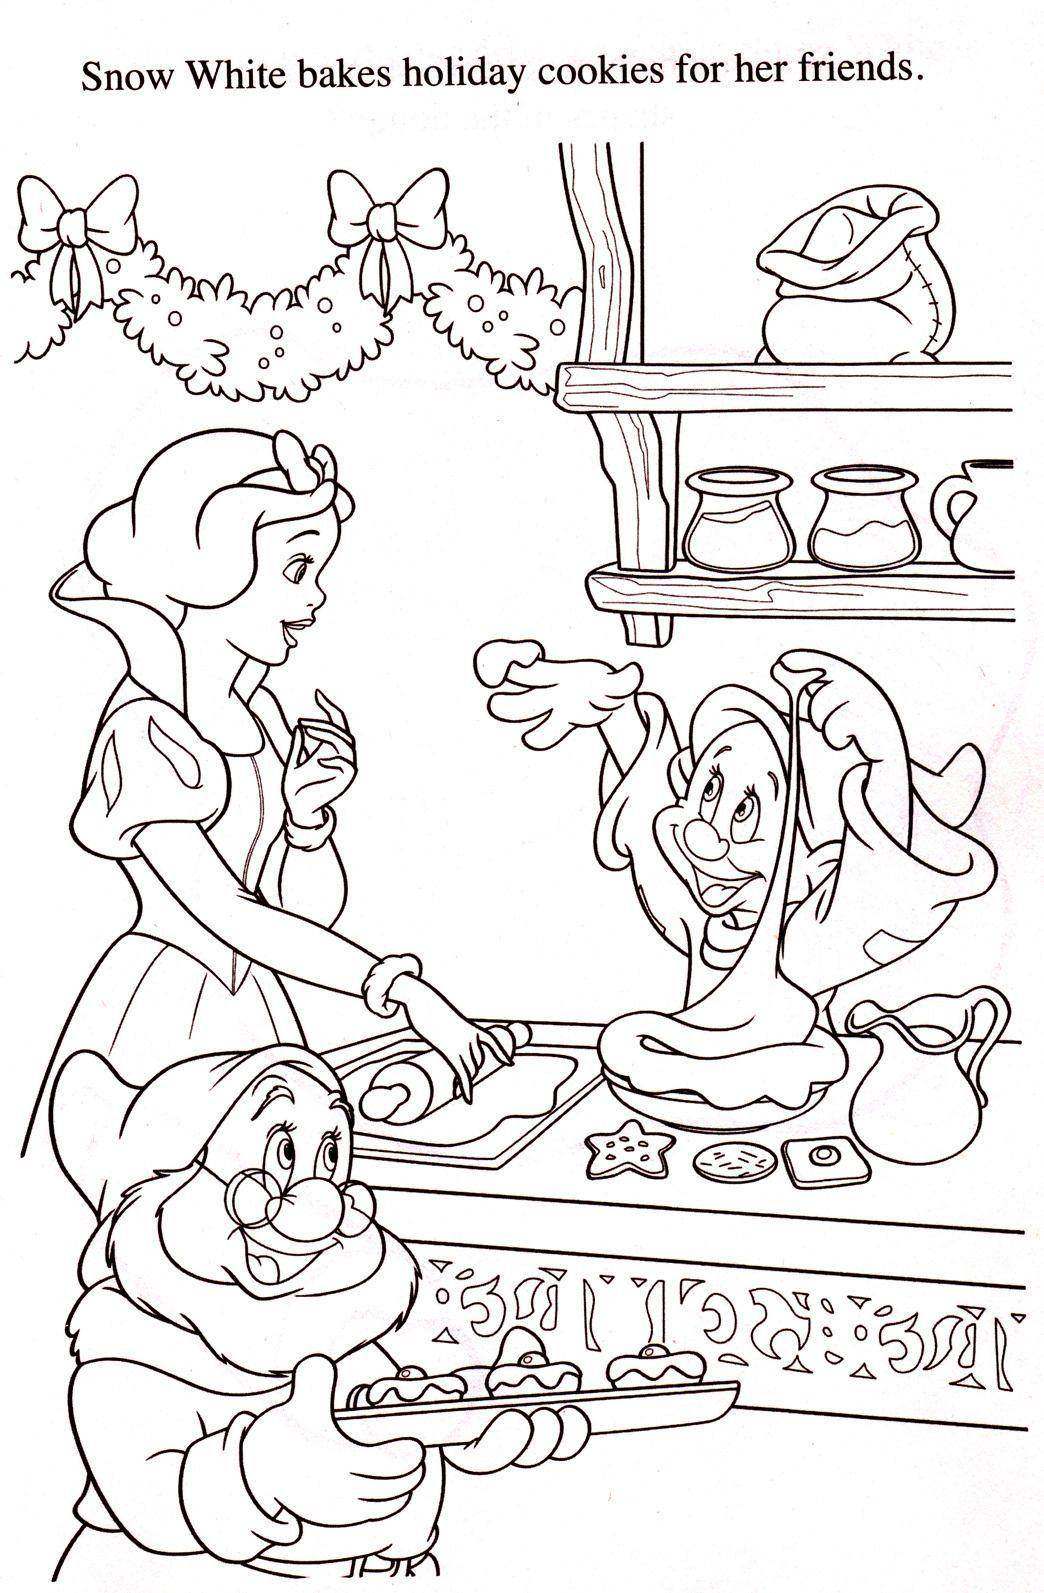 Disney Coloring Pages Malvorlage Dinosaurier, Malvorlagen über Prinzessin Schablonen Zum Ausdrucken